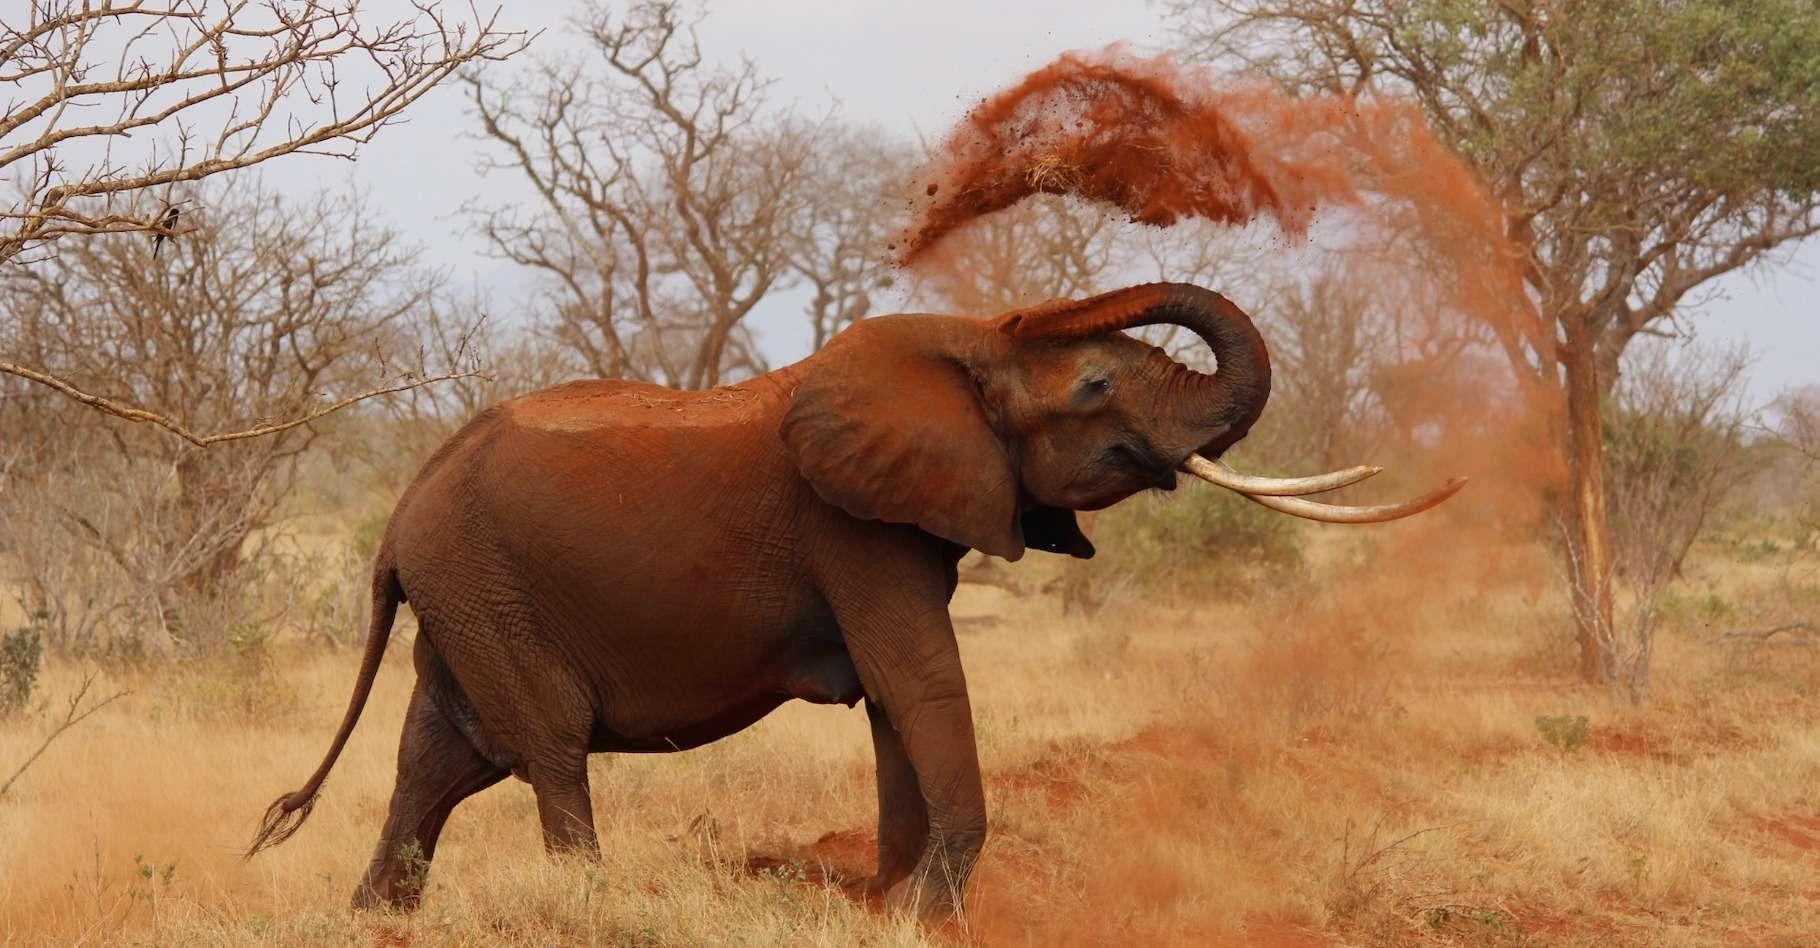 Des chercheurs ont constaté que le broutement des éléphants favorise les espèces à croissance lente. Celles-ci sont de plus en plus abondantes dans les zones à éléphants. Les plantes à croissance lente ont un bois dense et stockent donc plus de carbone que les espèces à croissance rapide. © kikatani, Pixabay License